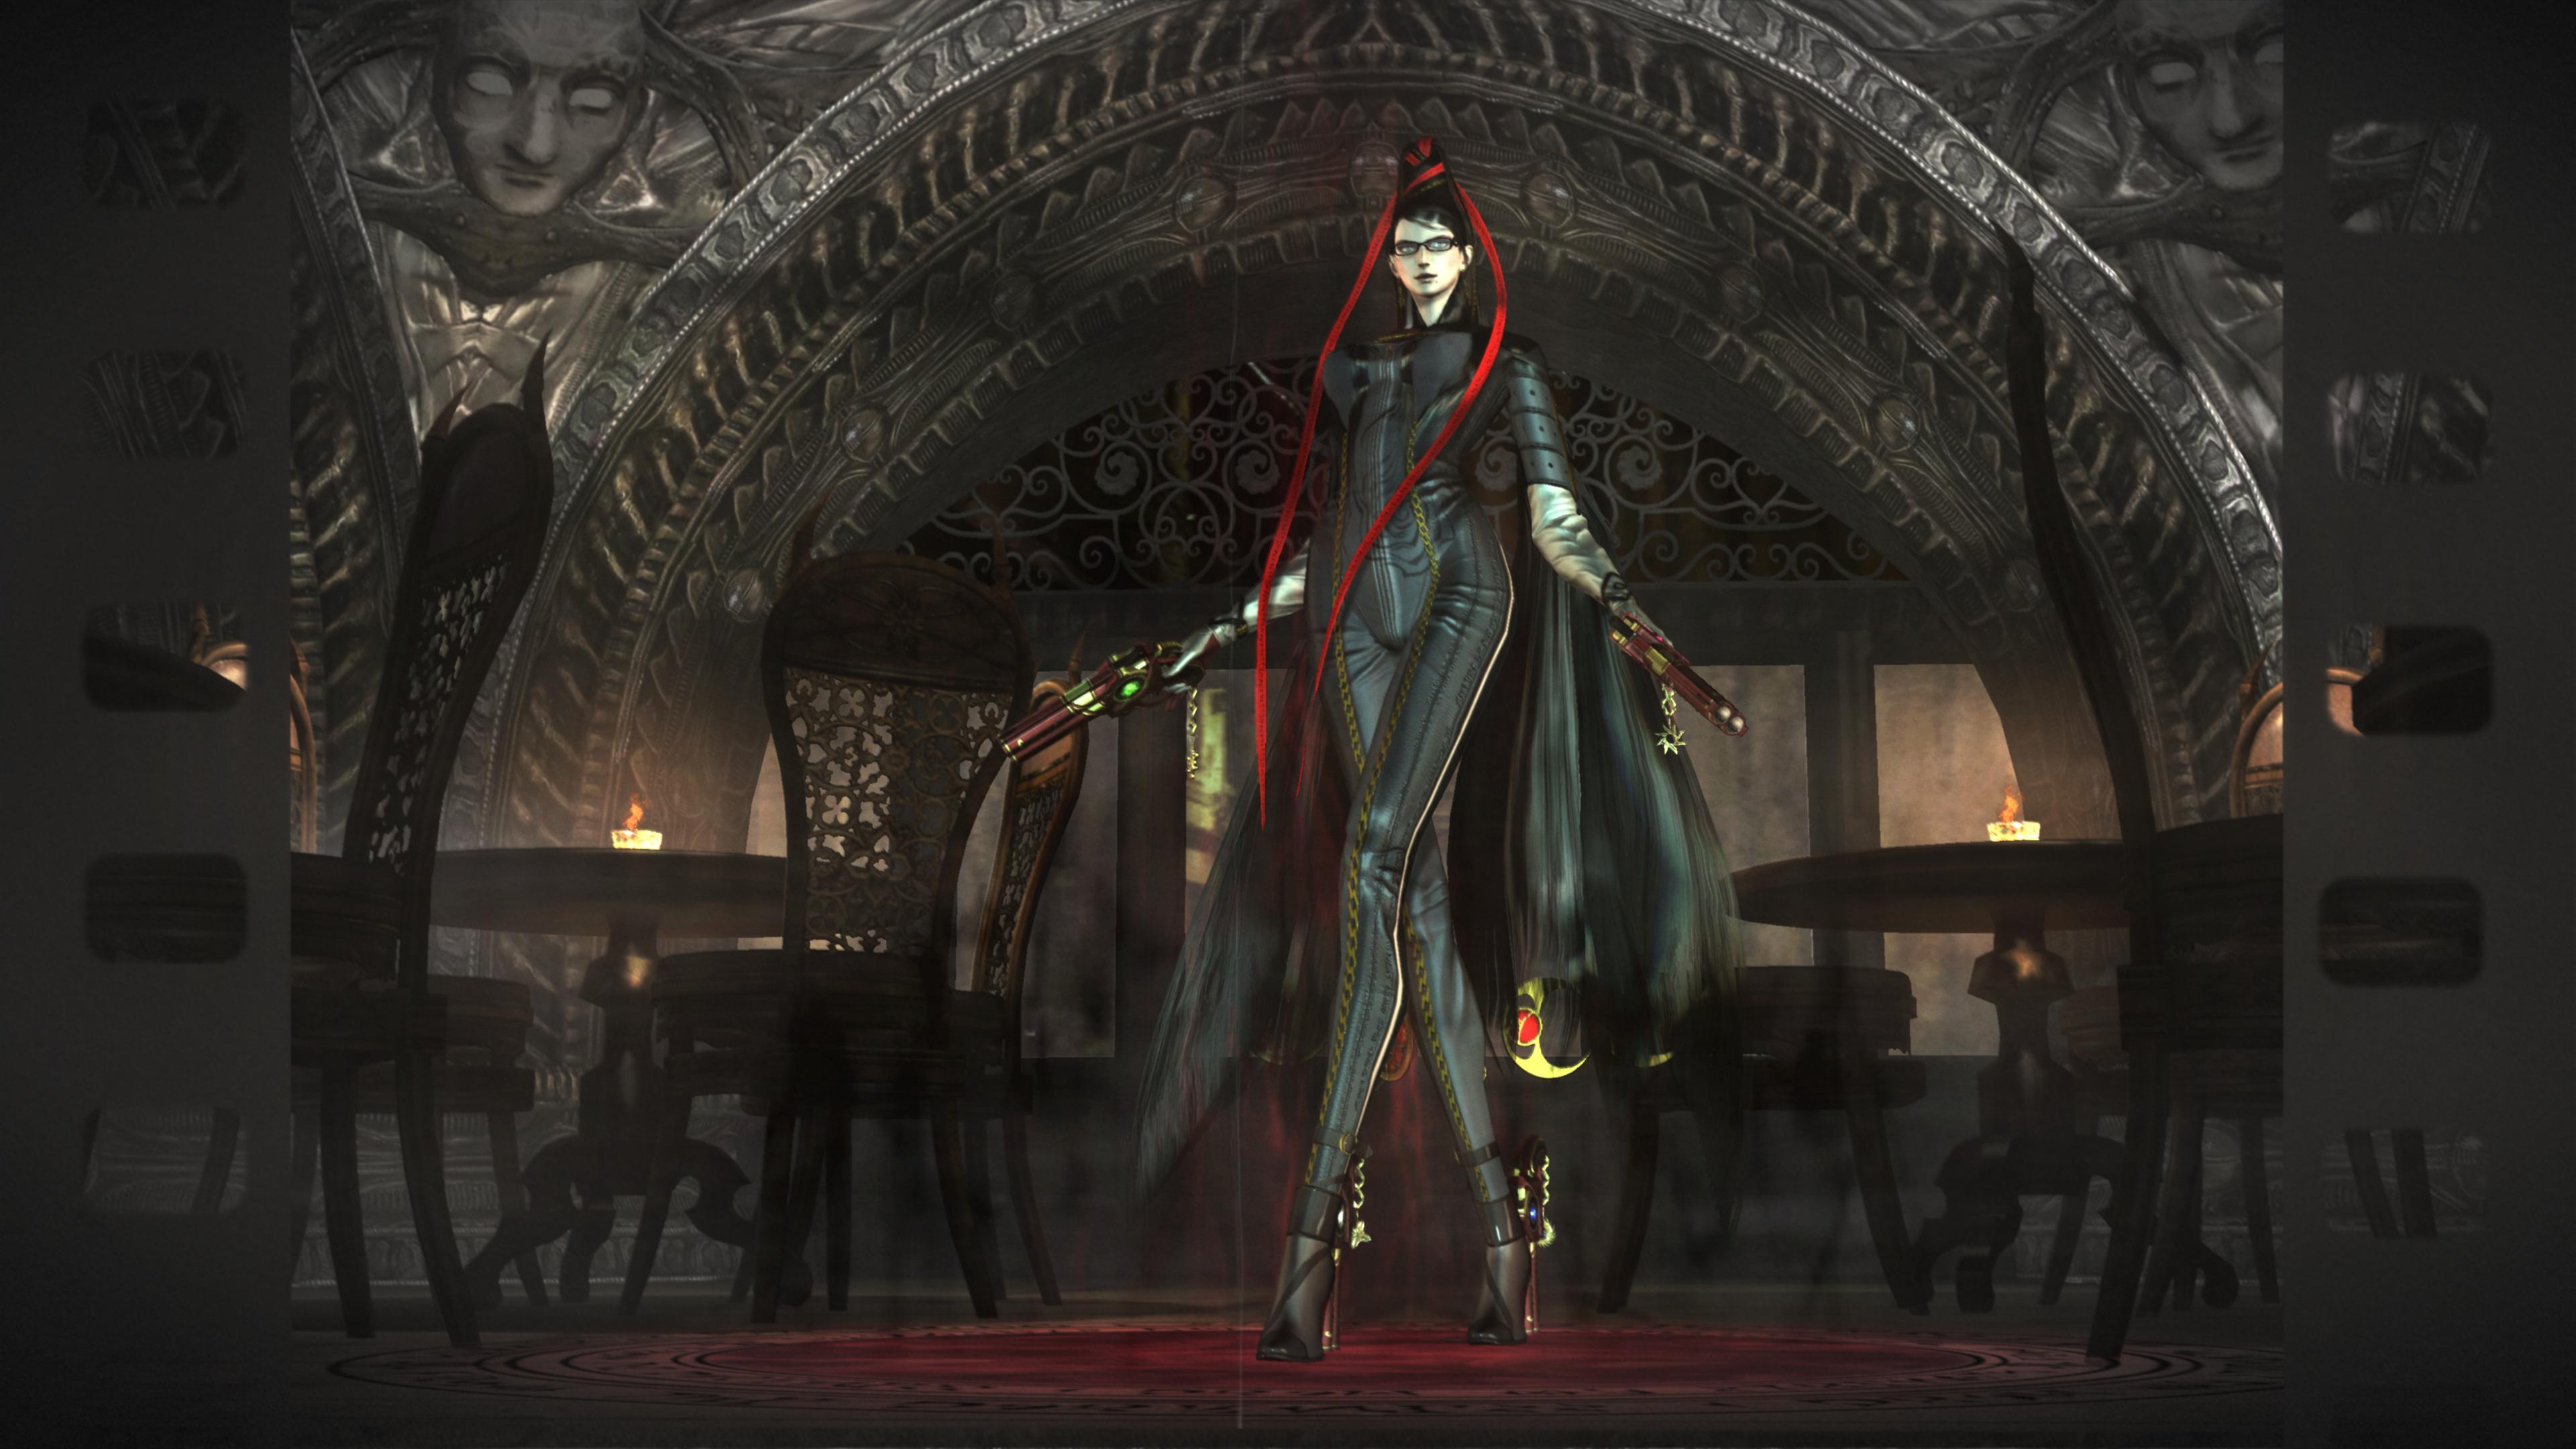 جذابیت ظاهری و شخصیتی بایونتا باعث میشود او به عنوان یکی از بهترین پروتاگونیستهای مونث در دنیای بازیهای ویدیویی شناخته شود